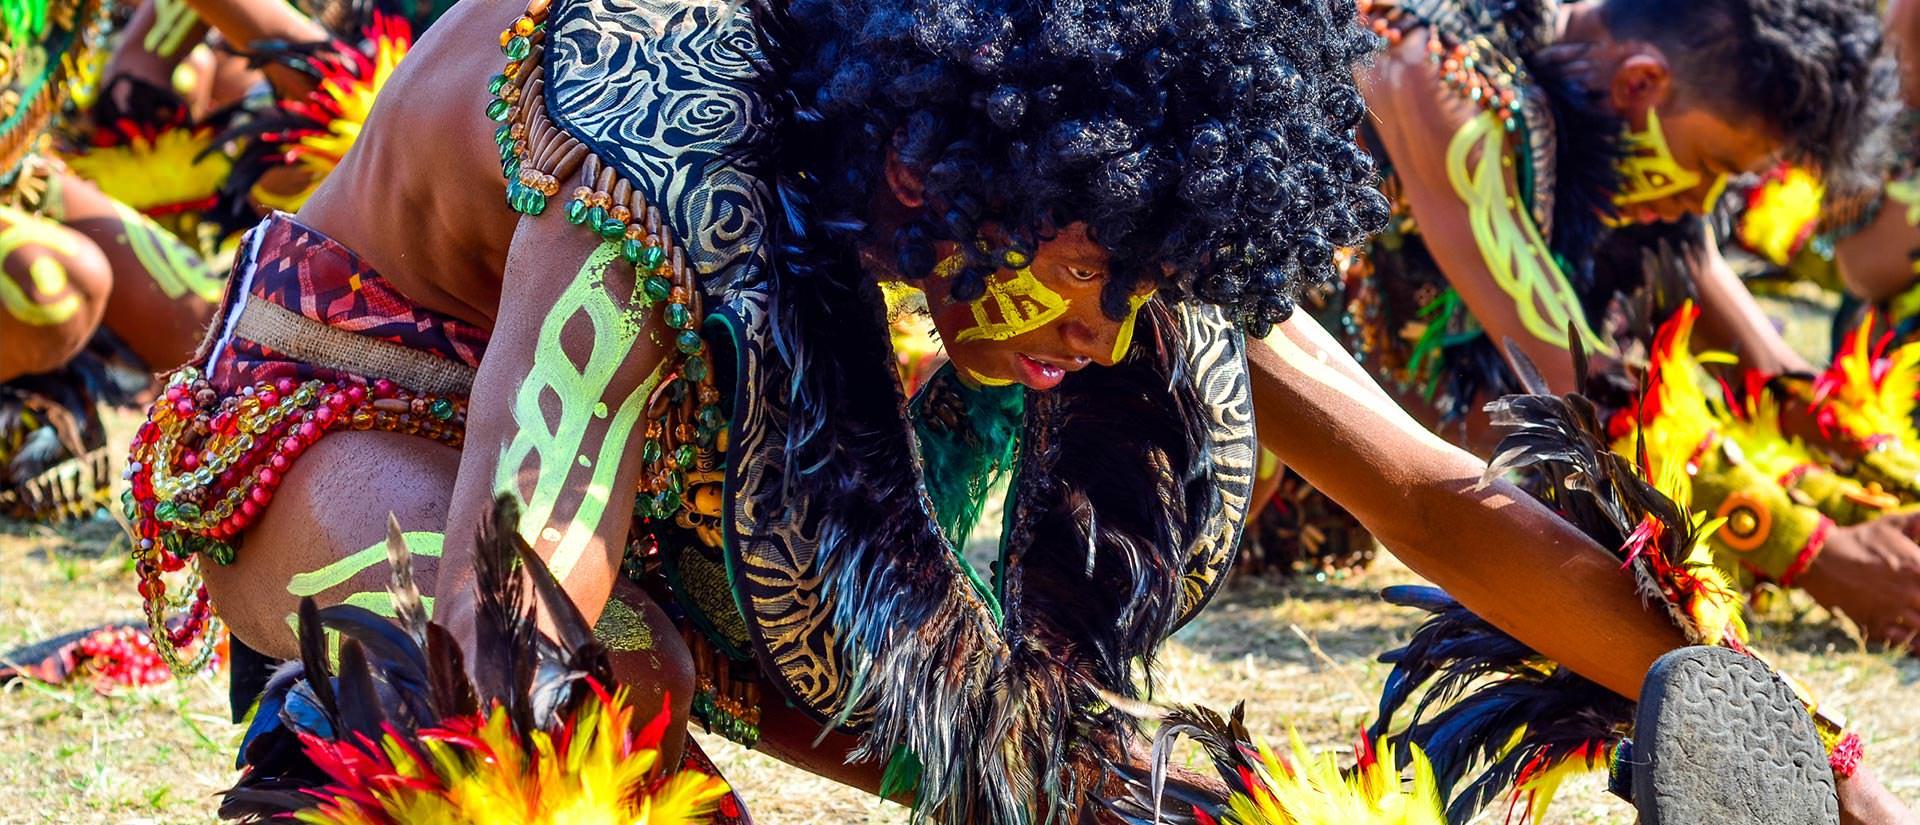 פסטיבל אטי אטיהן בפיליפינים